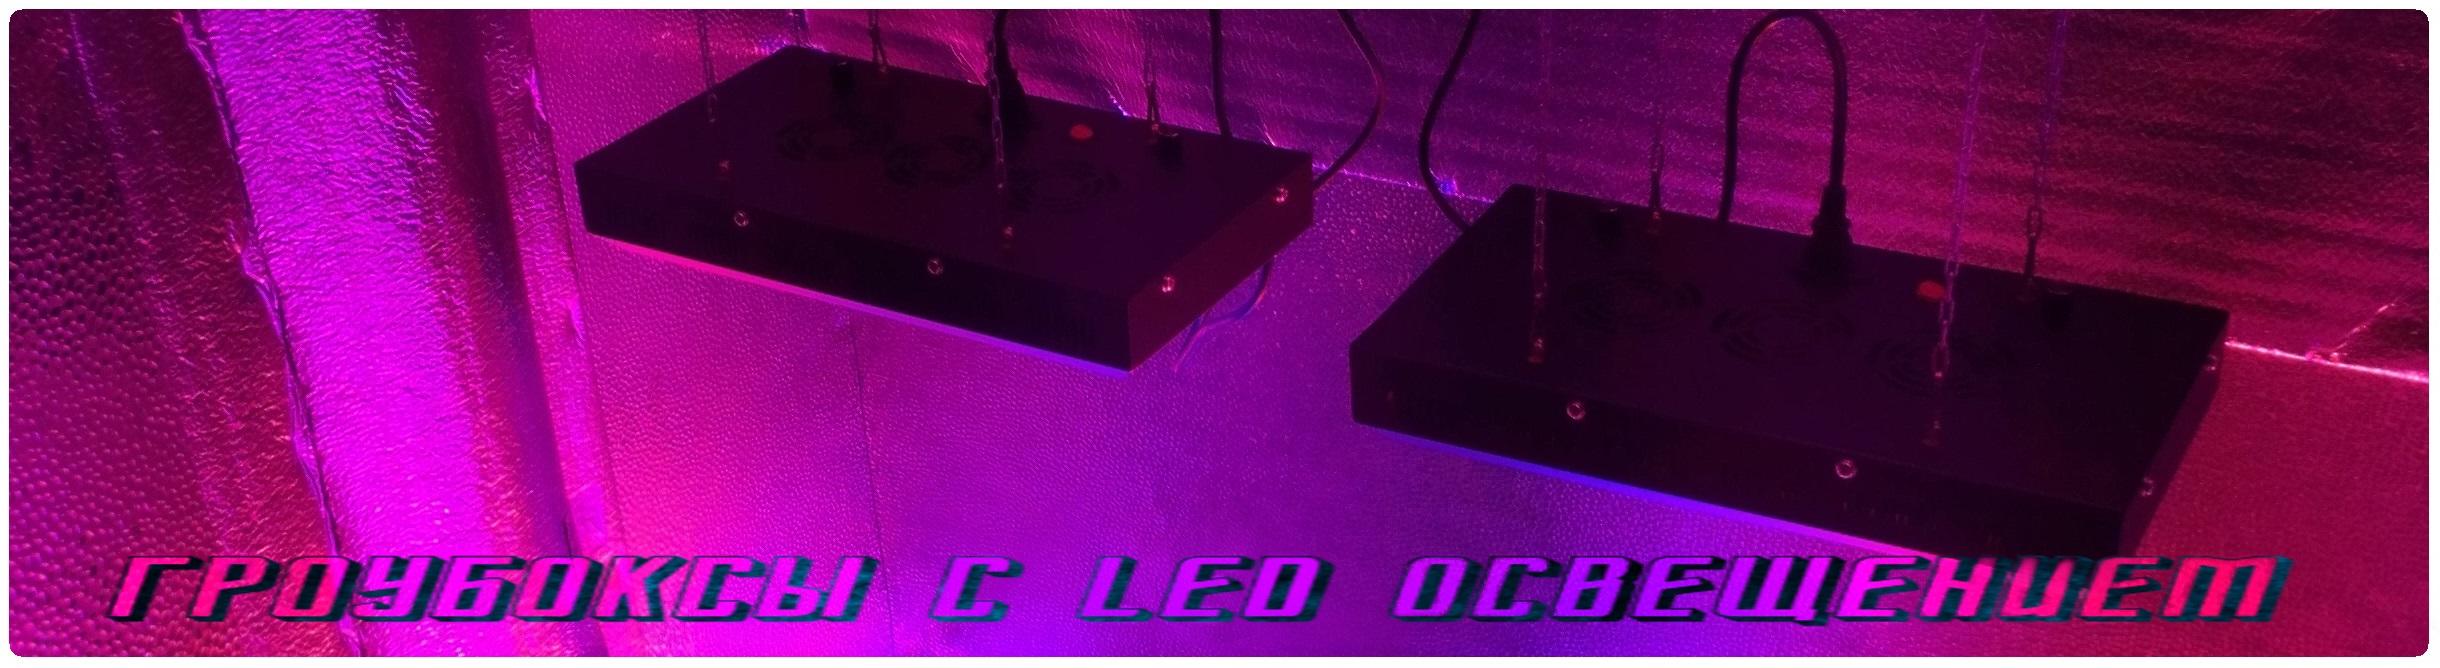 Гроубоксы с LED освещением от компании Гроумир